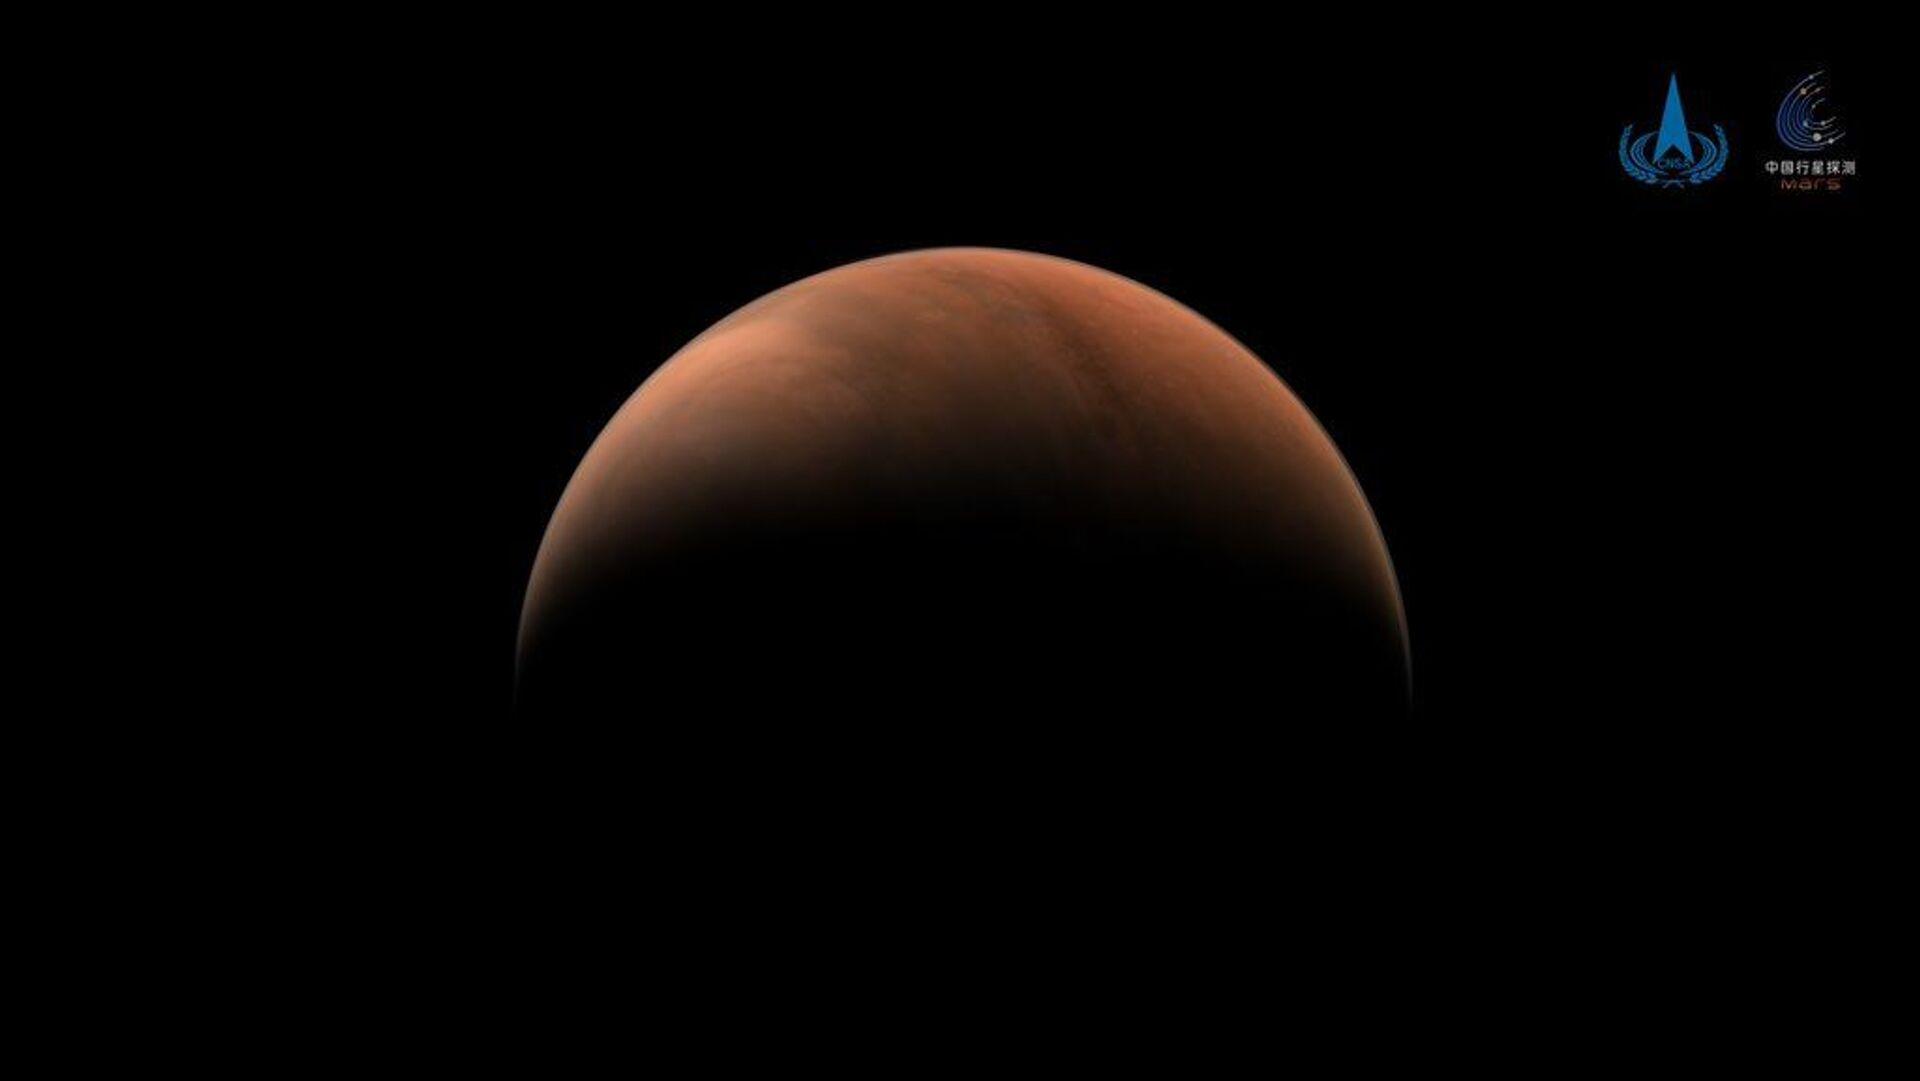 Çin'in Mars keşif araçları 'güneş kesintisi' nedeniyle faaliyetlerine ara verdi